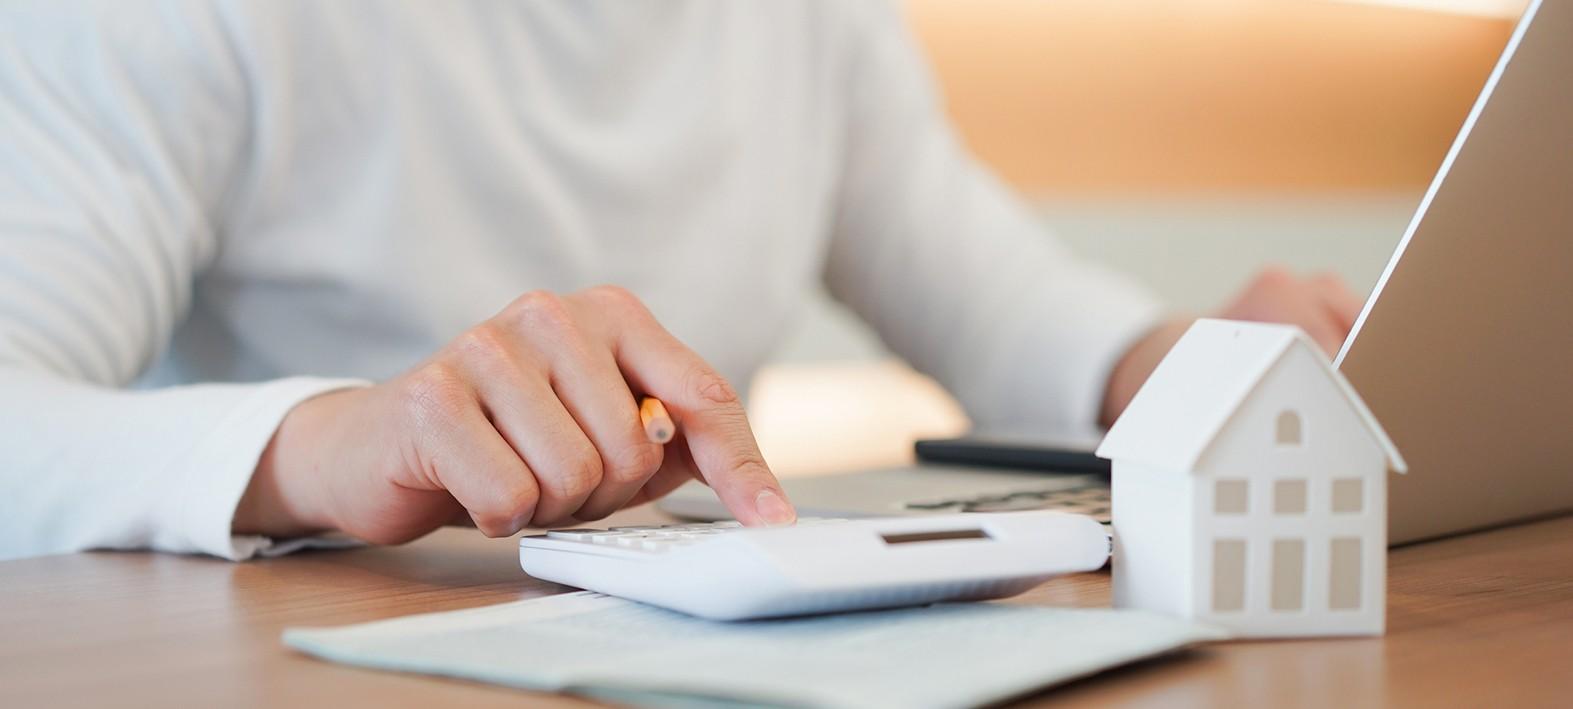 Rachat de crédit immobilier : quel est le moment idéal ?